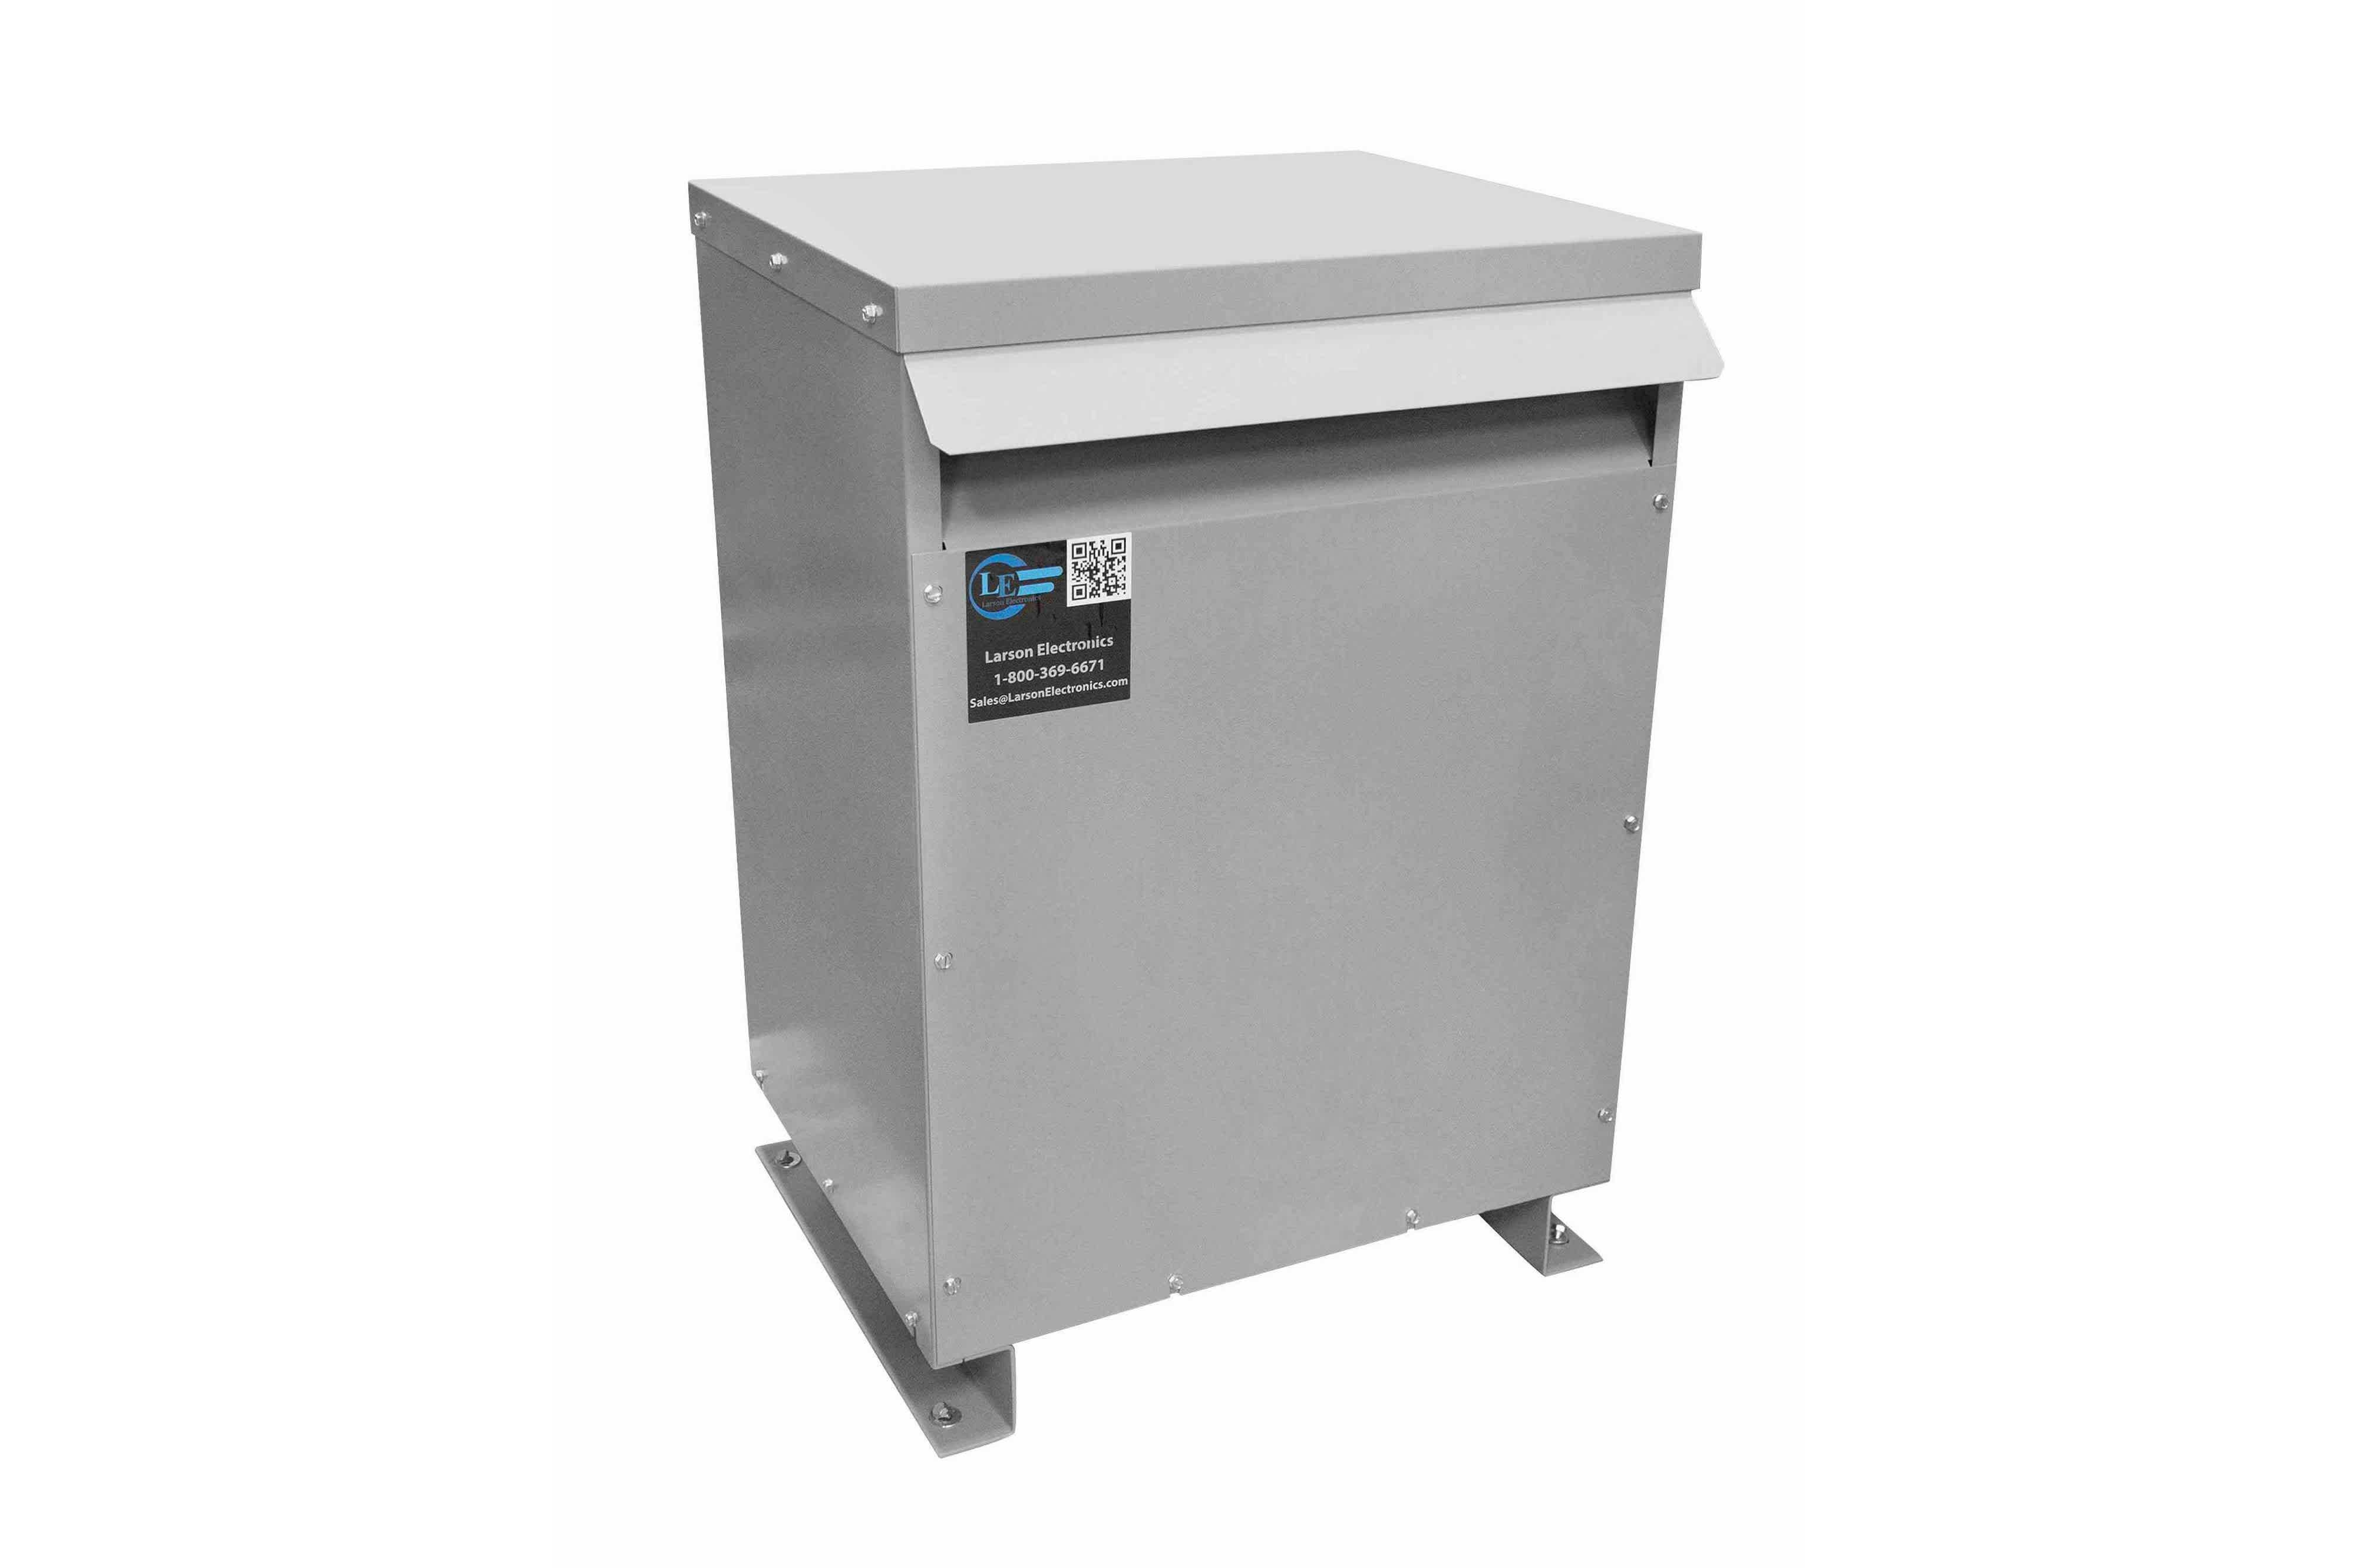 400 kVA 3PH Isolation Transformer, 415V Delta Primary, 600V Delta Secondary, N3R, Ventilated, 60 Hz